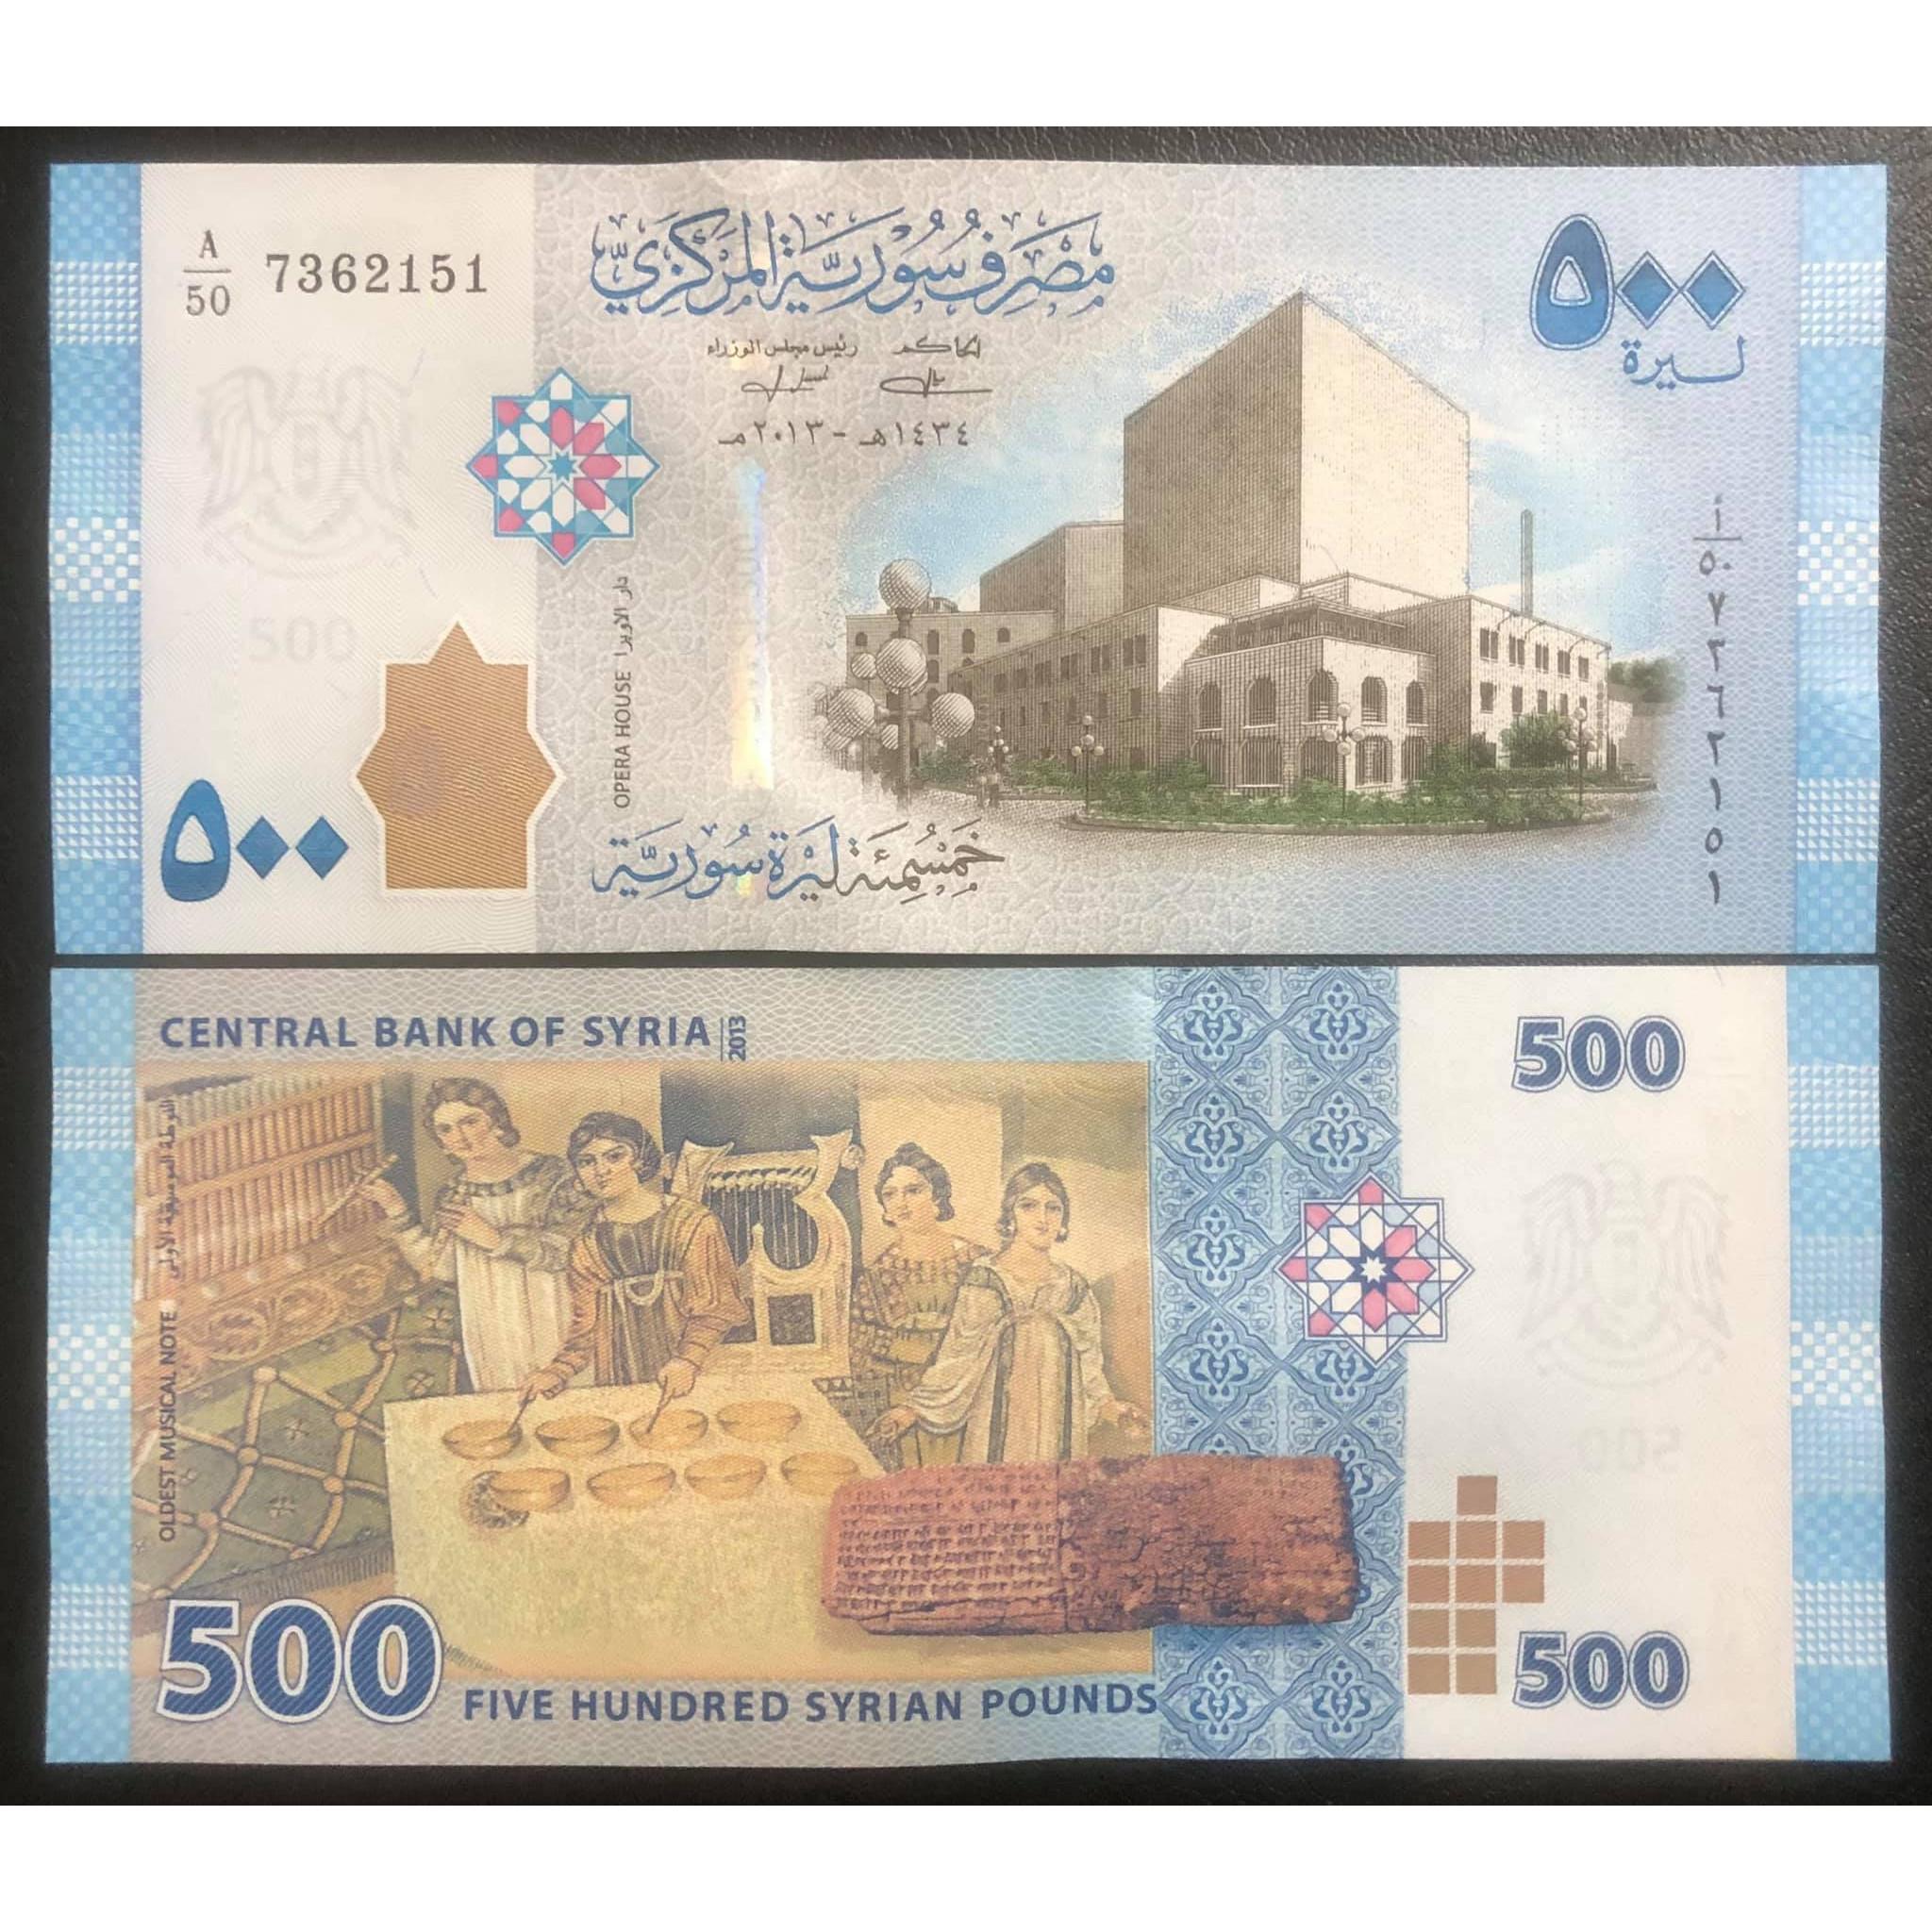 Tiền của quốc gia Trung Đông 500 bảng Syria sưu tầm